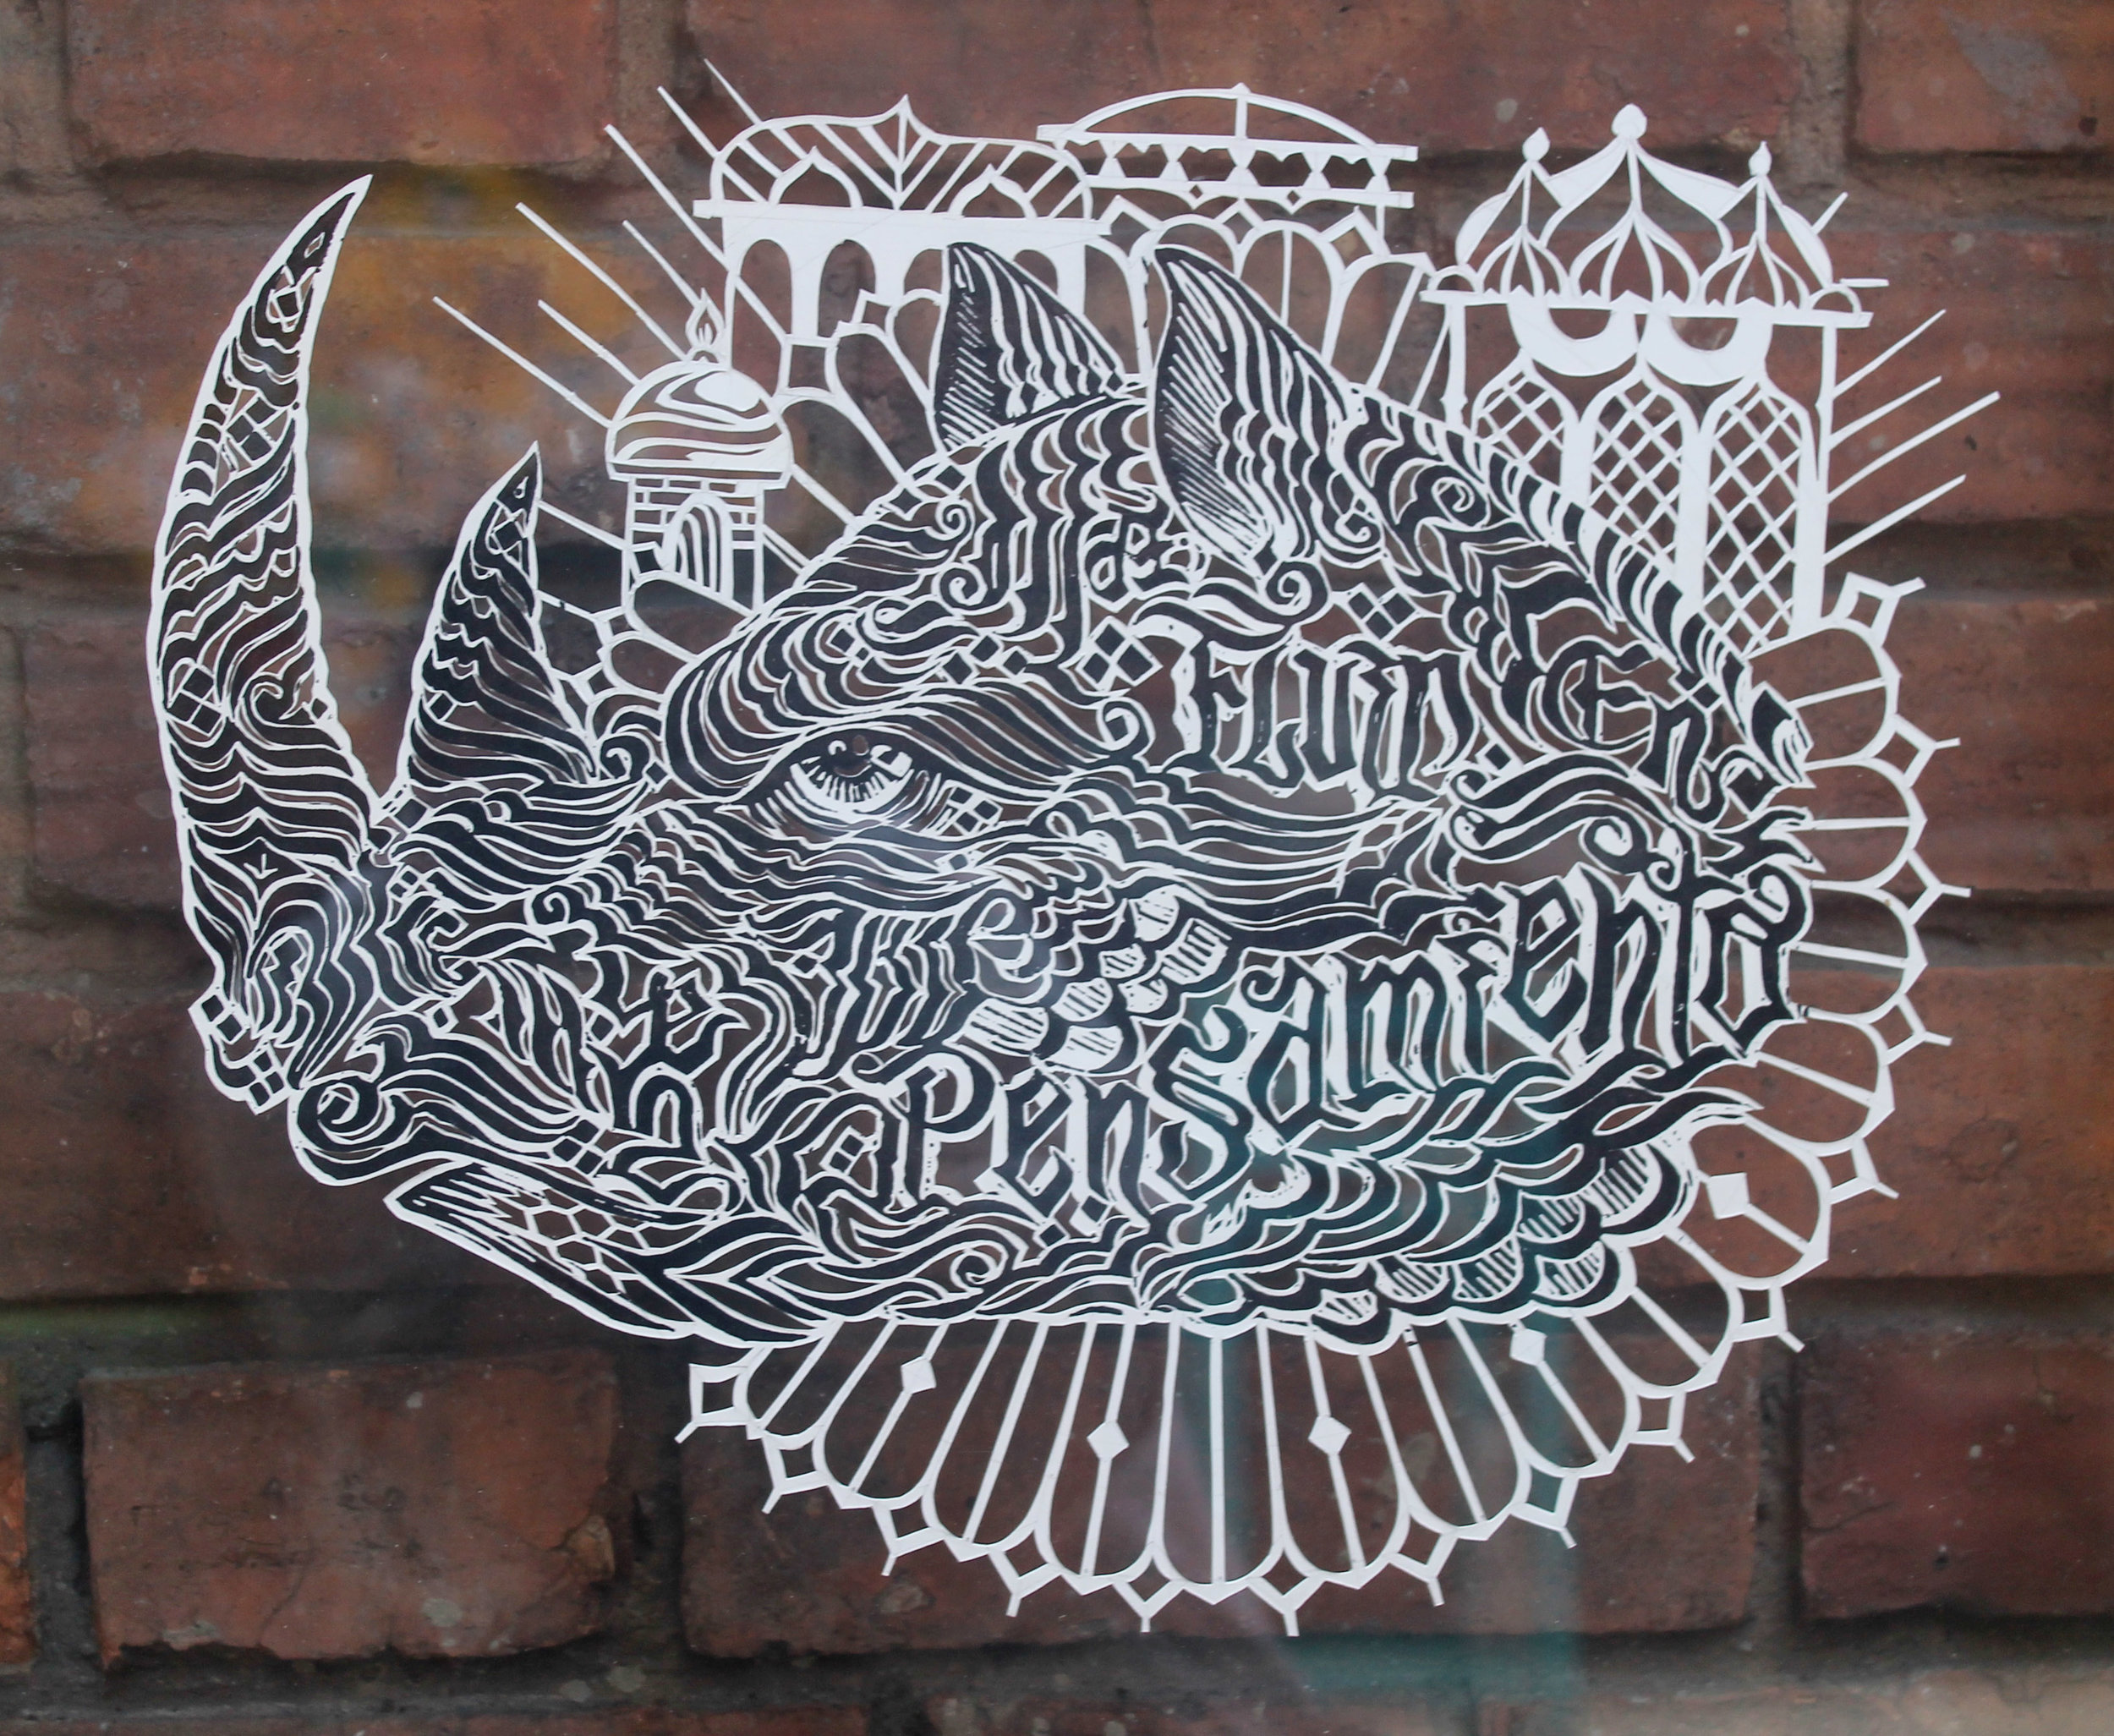 Rino Templo del pensamiento (2019) -  50 x 50 cm - Grabado en linóleo y corte a mano sobre papel / Drawing and hand cut on paper